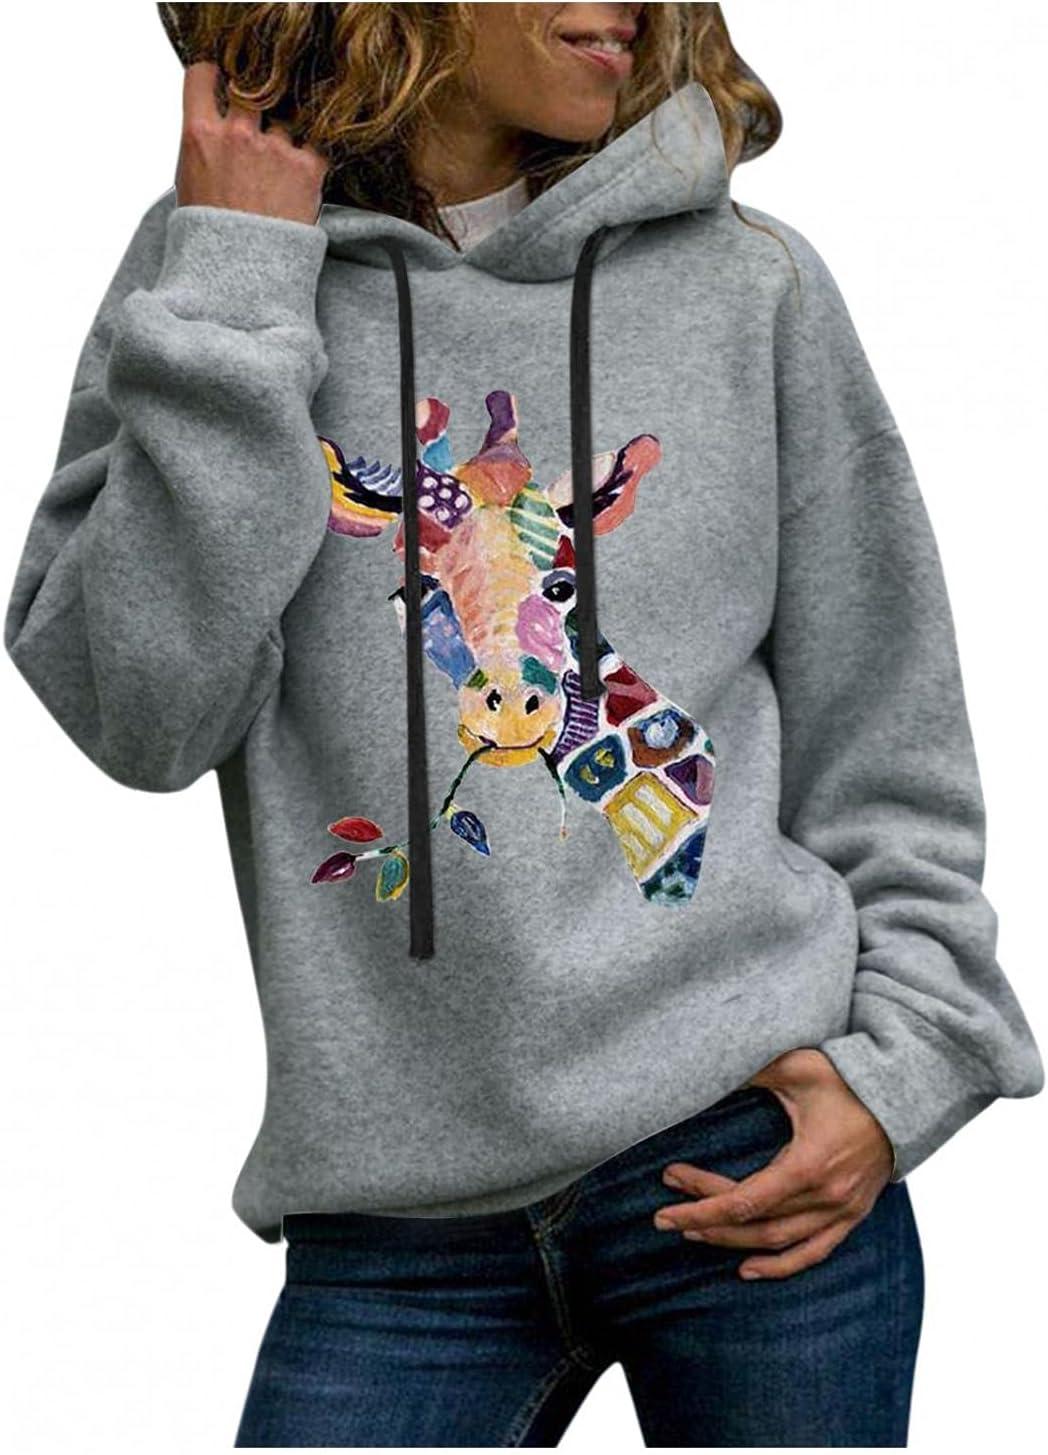 JIEXIJIA Finally resale start Women's Casual Full Sleeve Giraffe Print Genuine Lon Sweatshirt